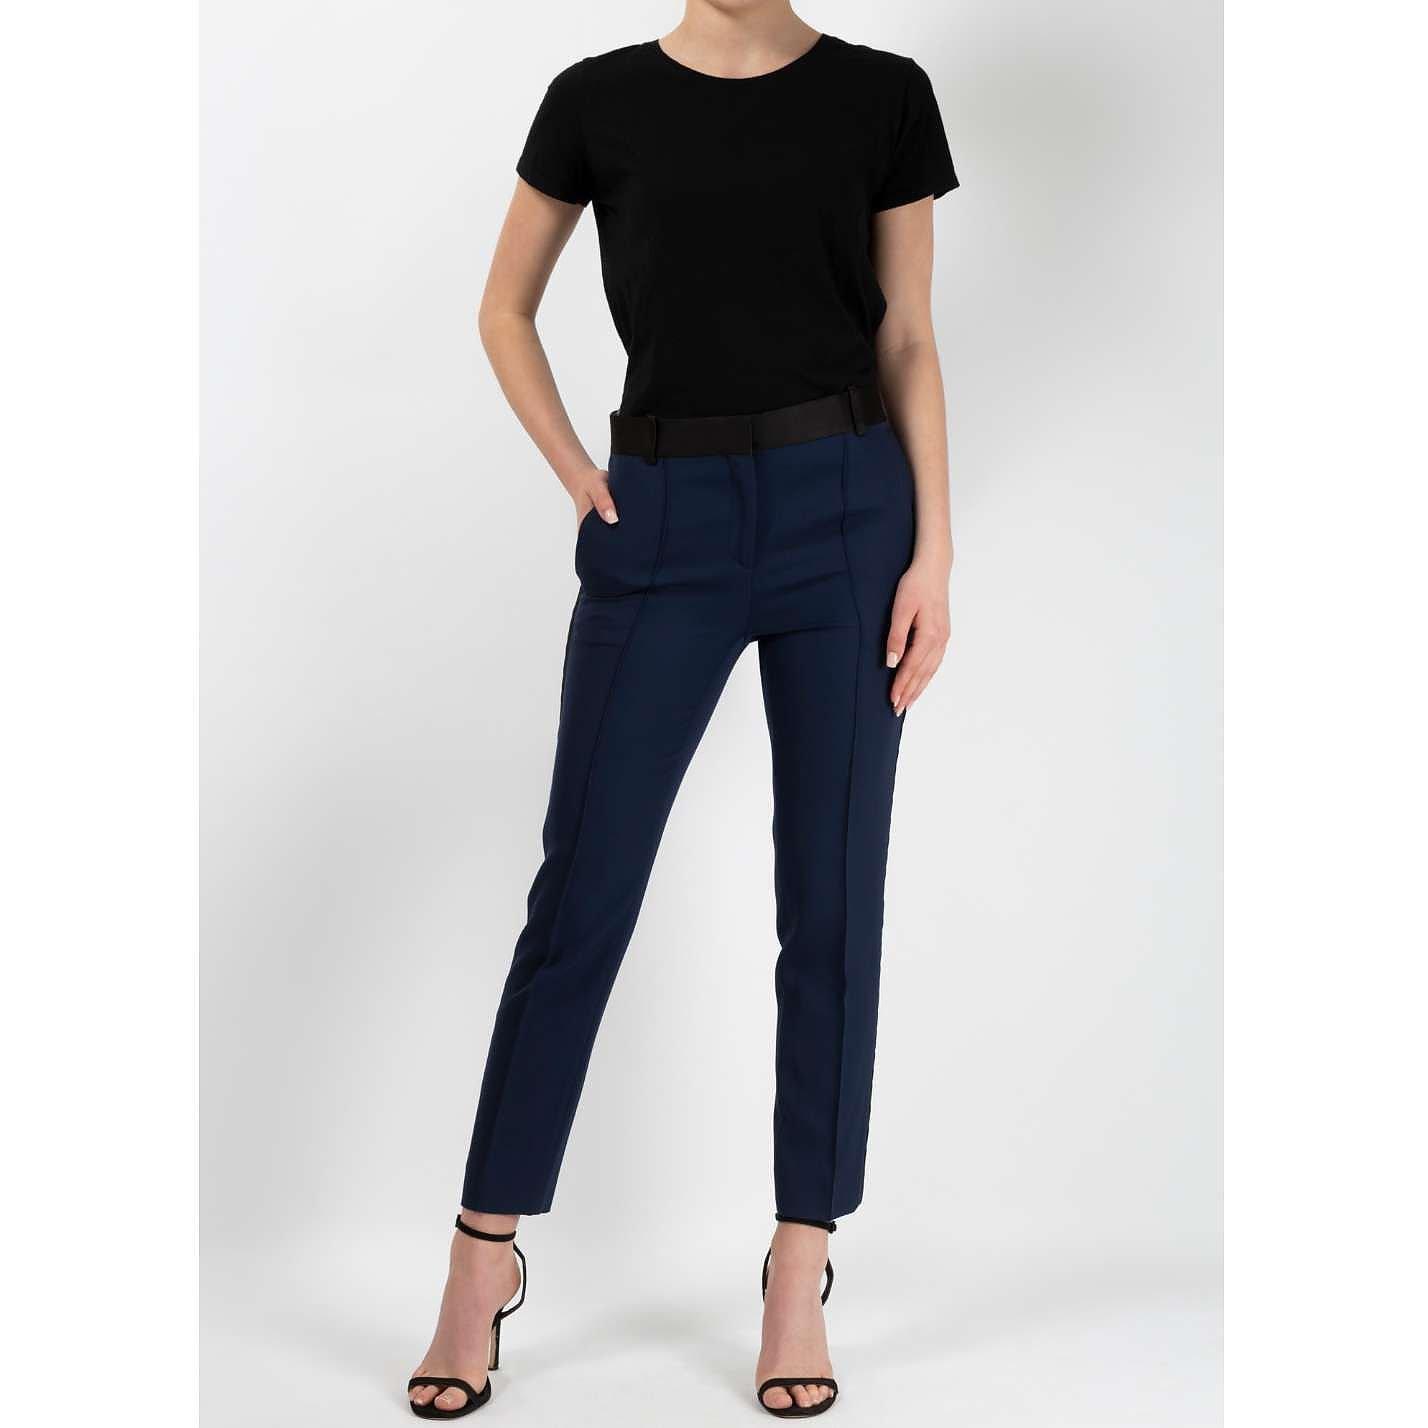 CÉLINE Tuxedo Style Cigarette Pants